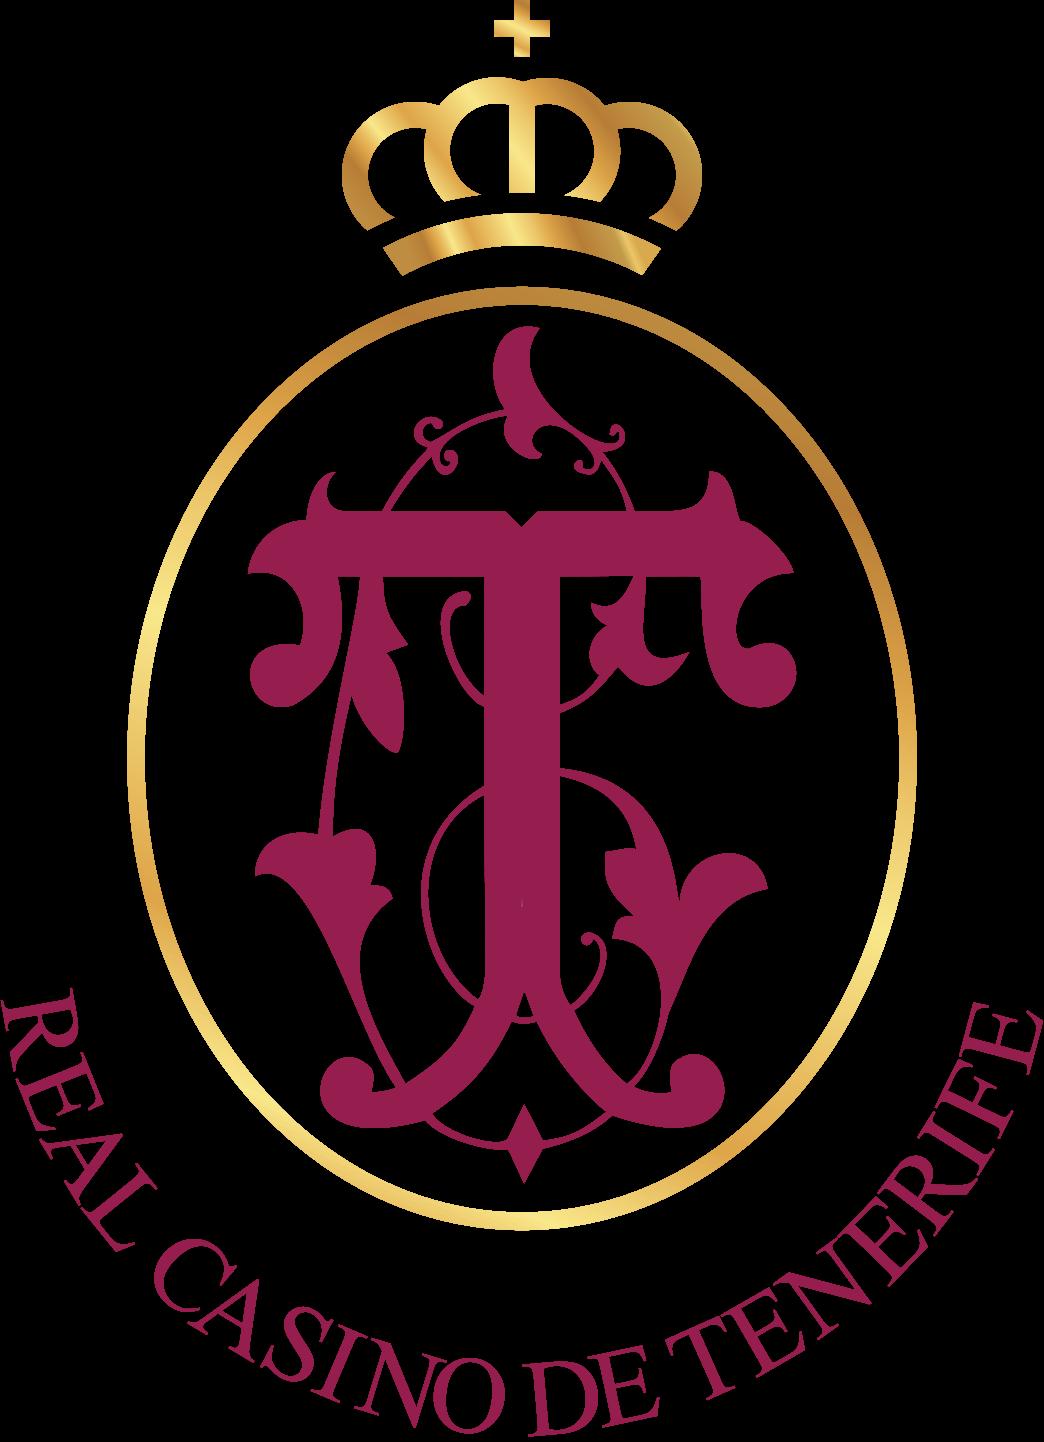 Logo Casino Biblioteca TRANSPARENTE - copia